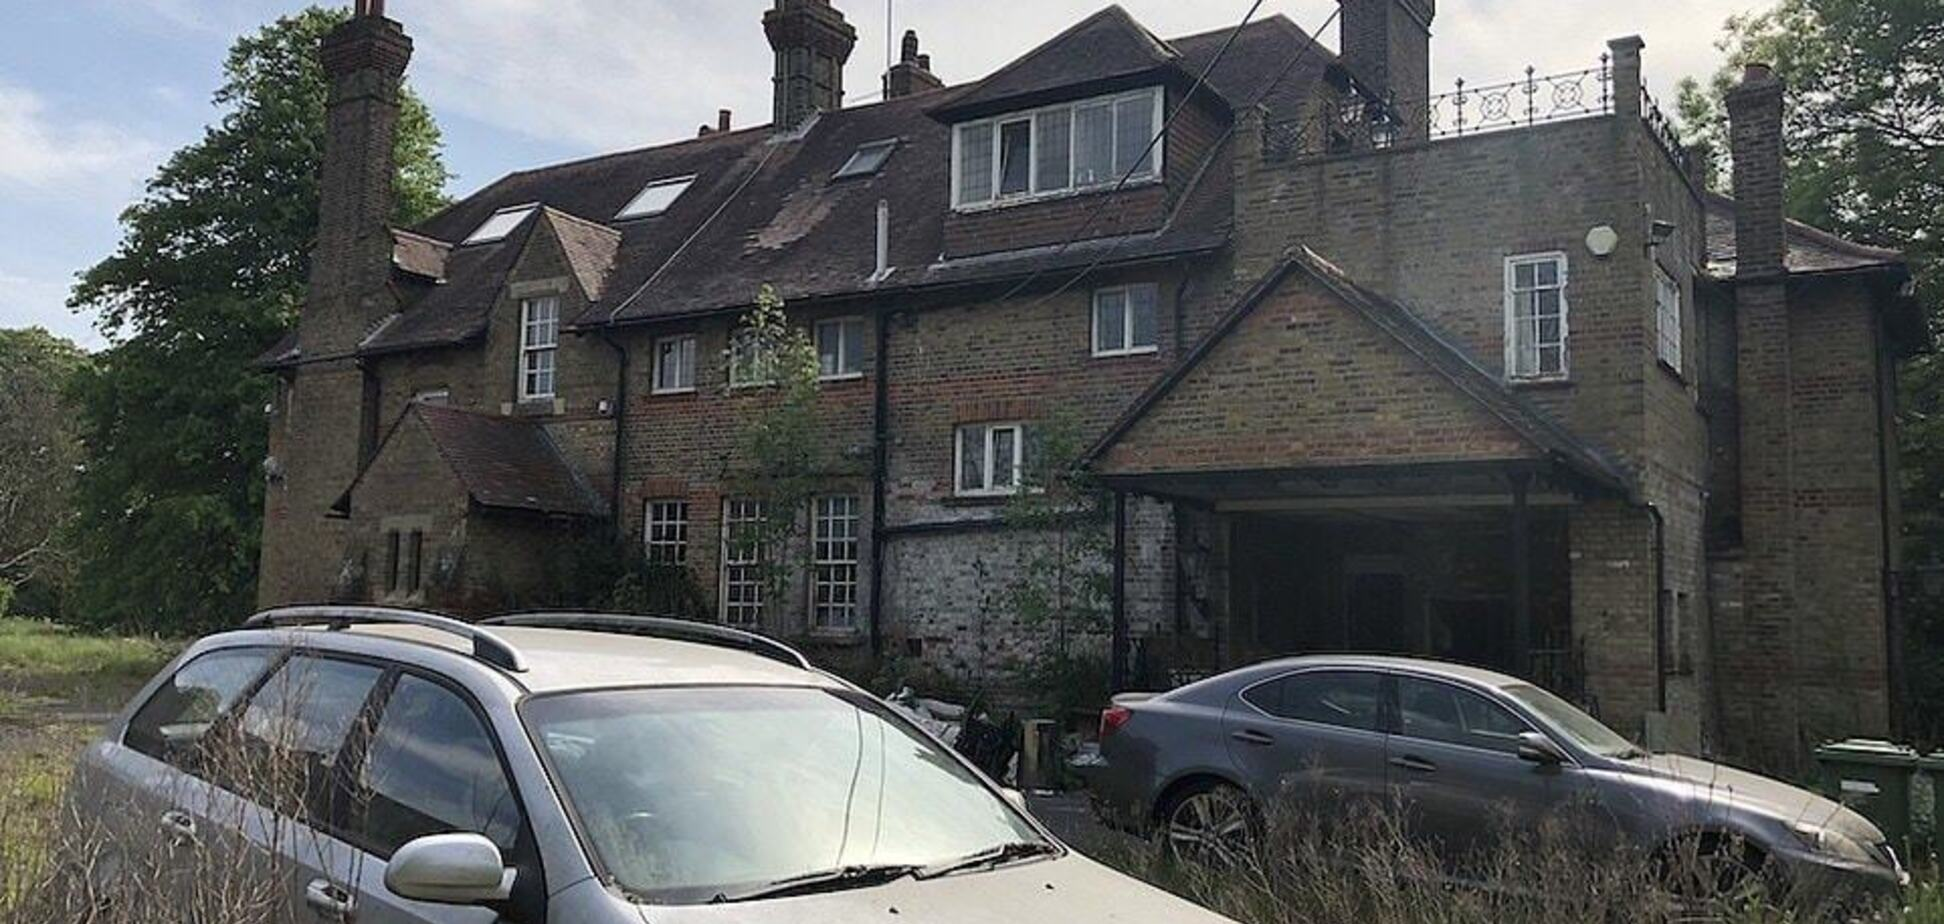 Власники будинку втекли і залишили свої автомобілі. Фото: dailymail.co.uk